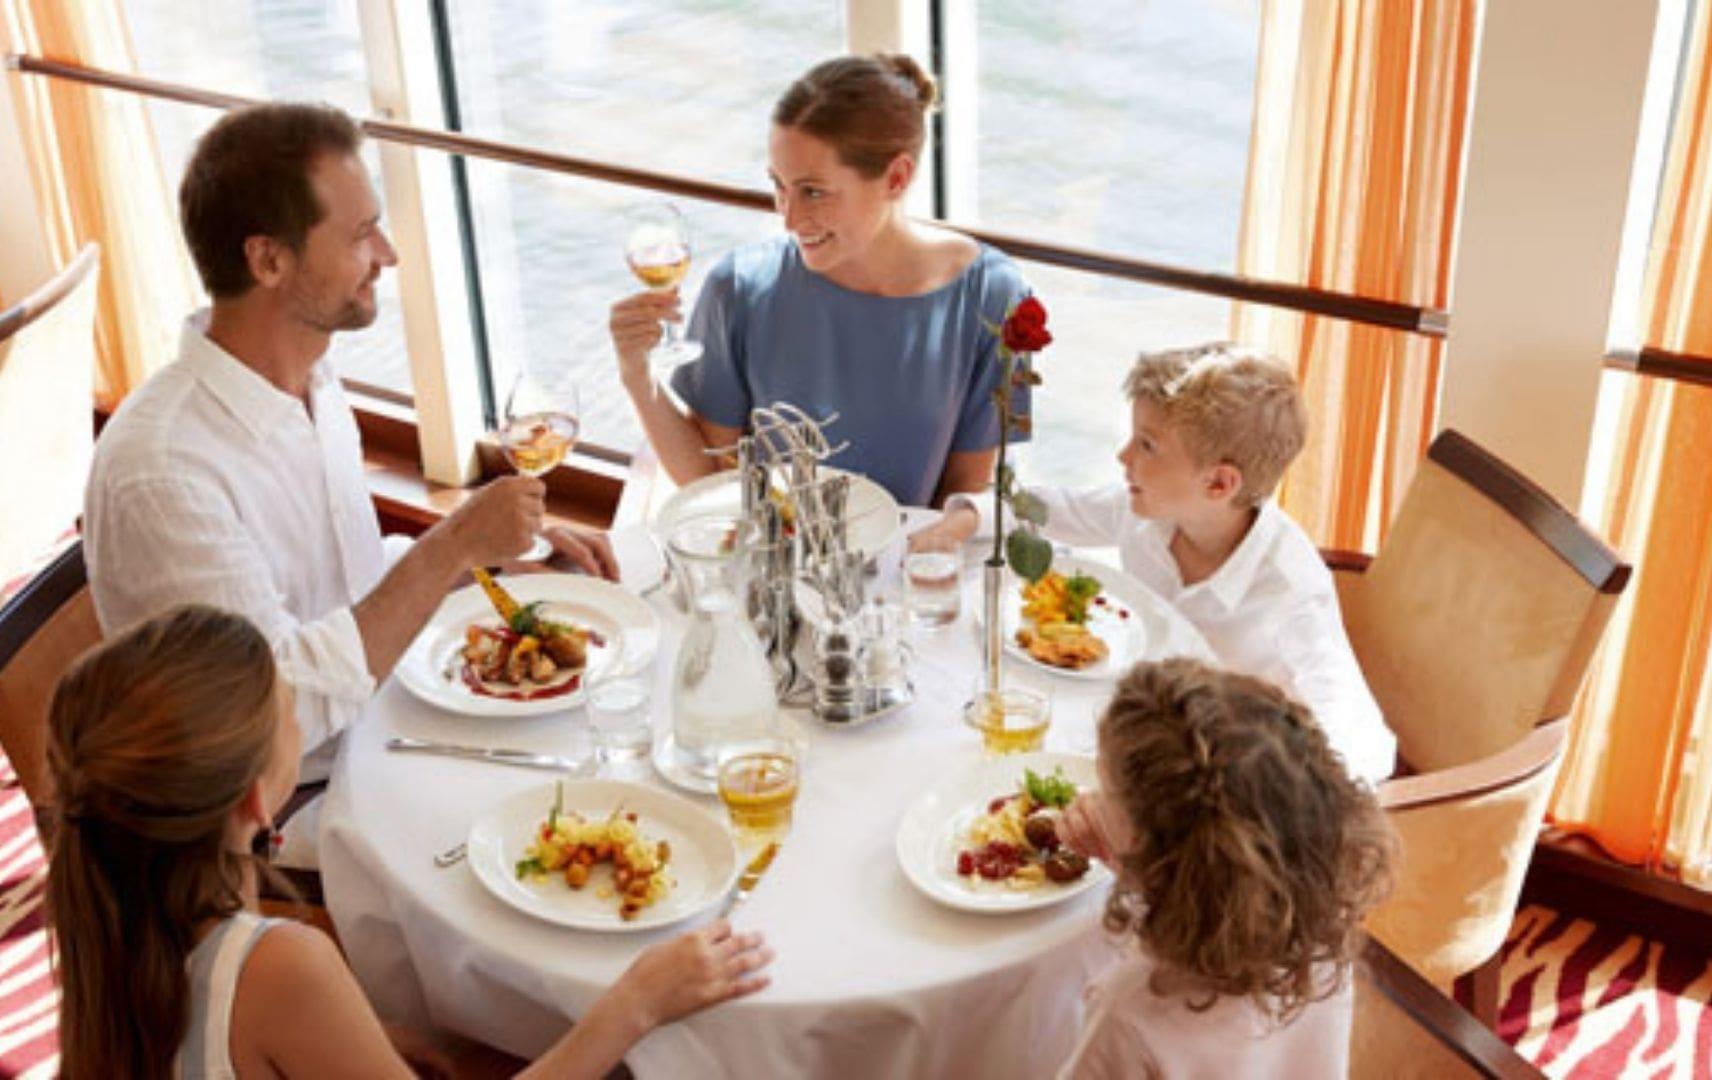 Familie isst gemeinsam am Tisch im Restaurant